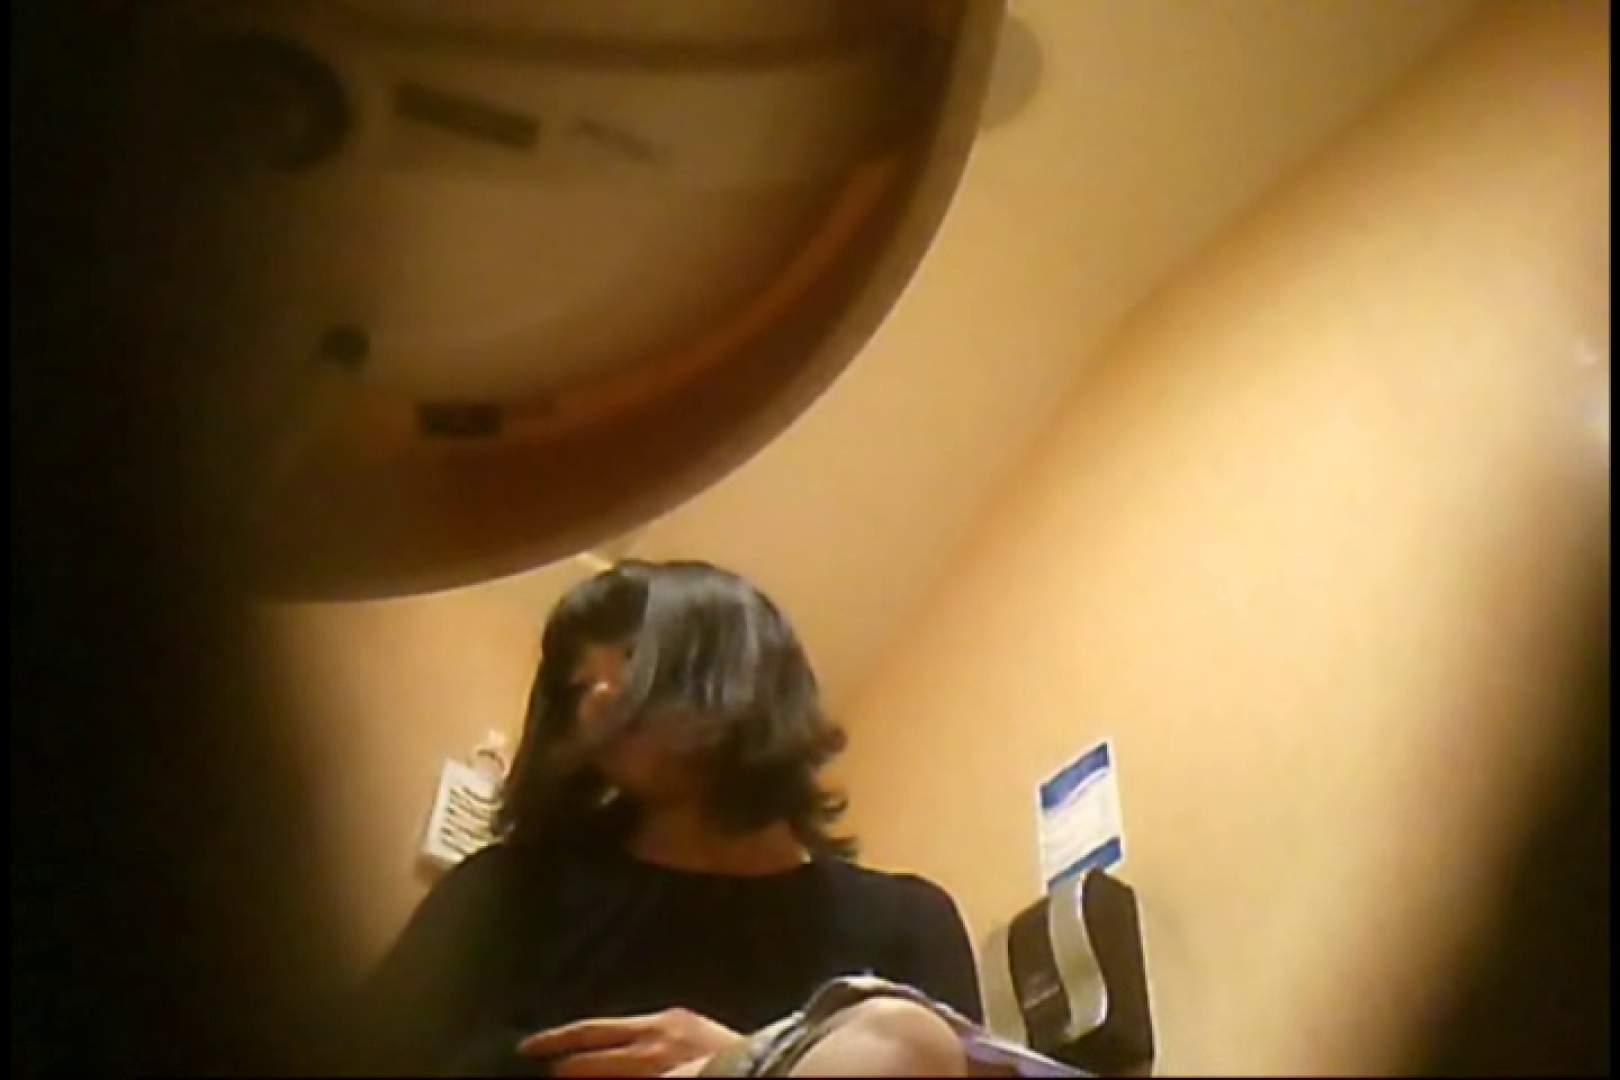 潜入!!女子化粧室盗撮~絶対見られたくない時間~vo,57 ナプキン AV無料動画キャプチャ 77PIX 23